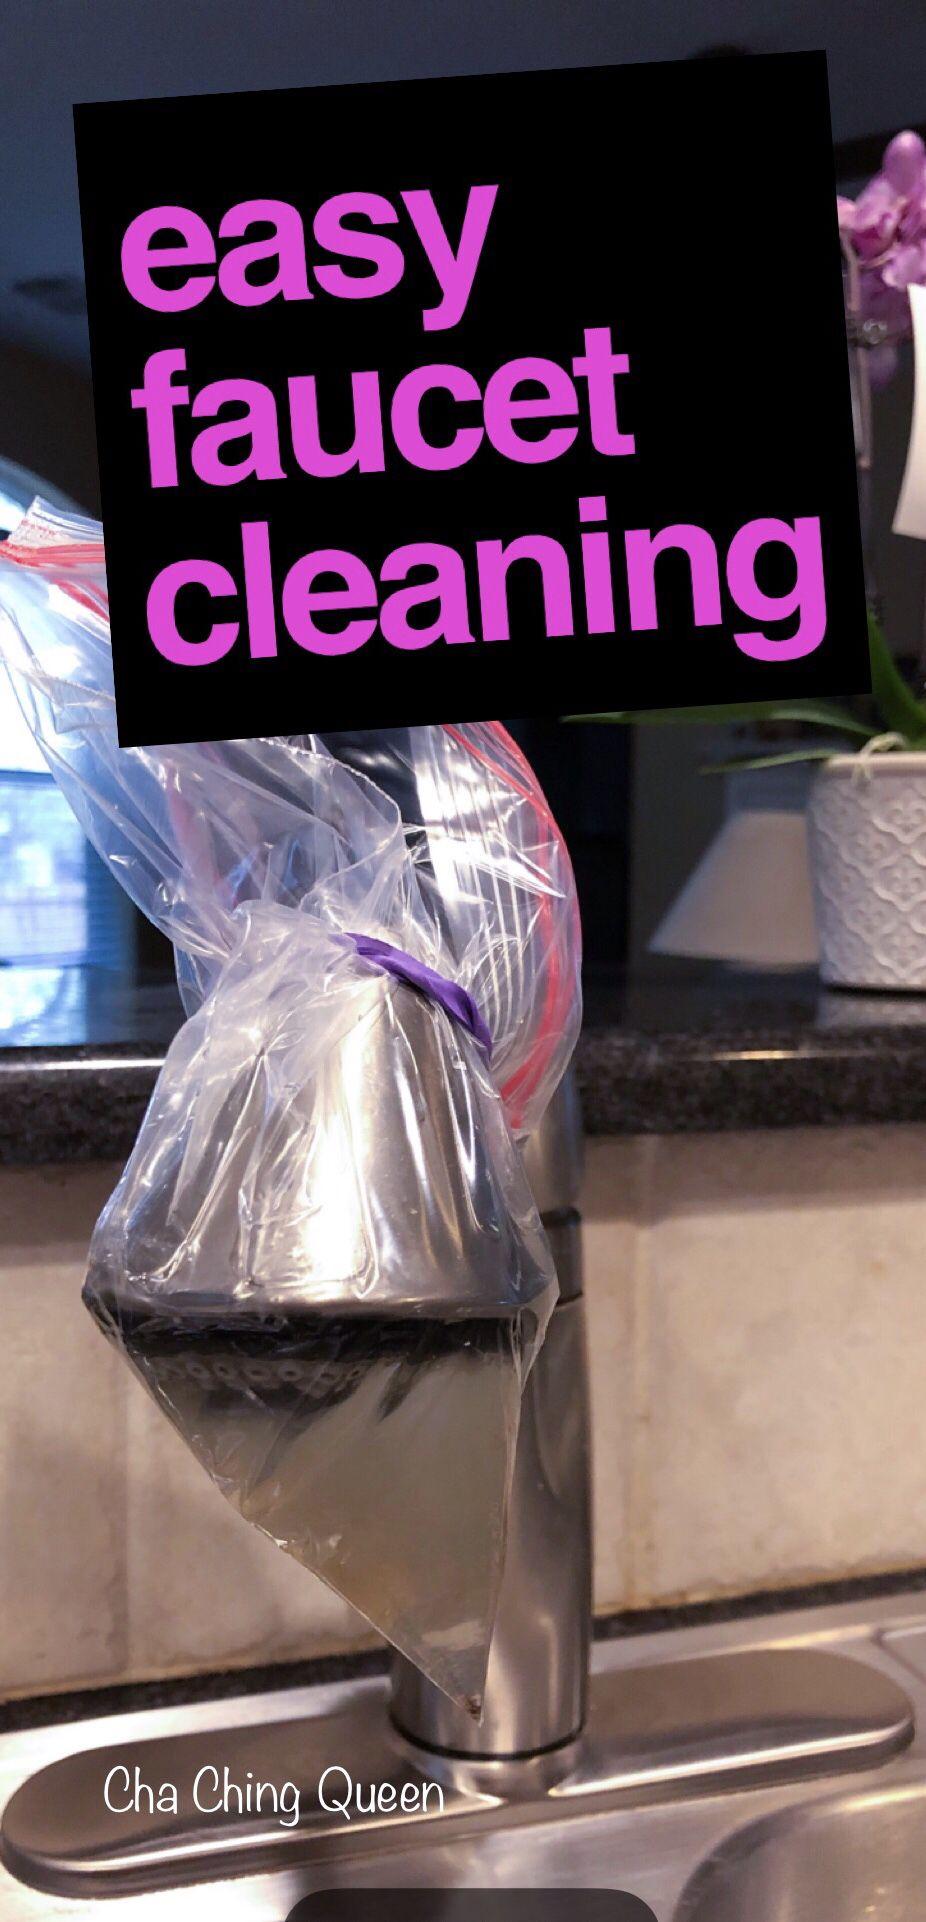 Diy homemade shower head cleaner 1 step 1 ingredient